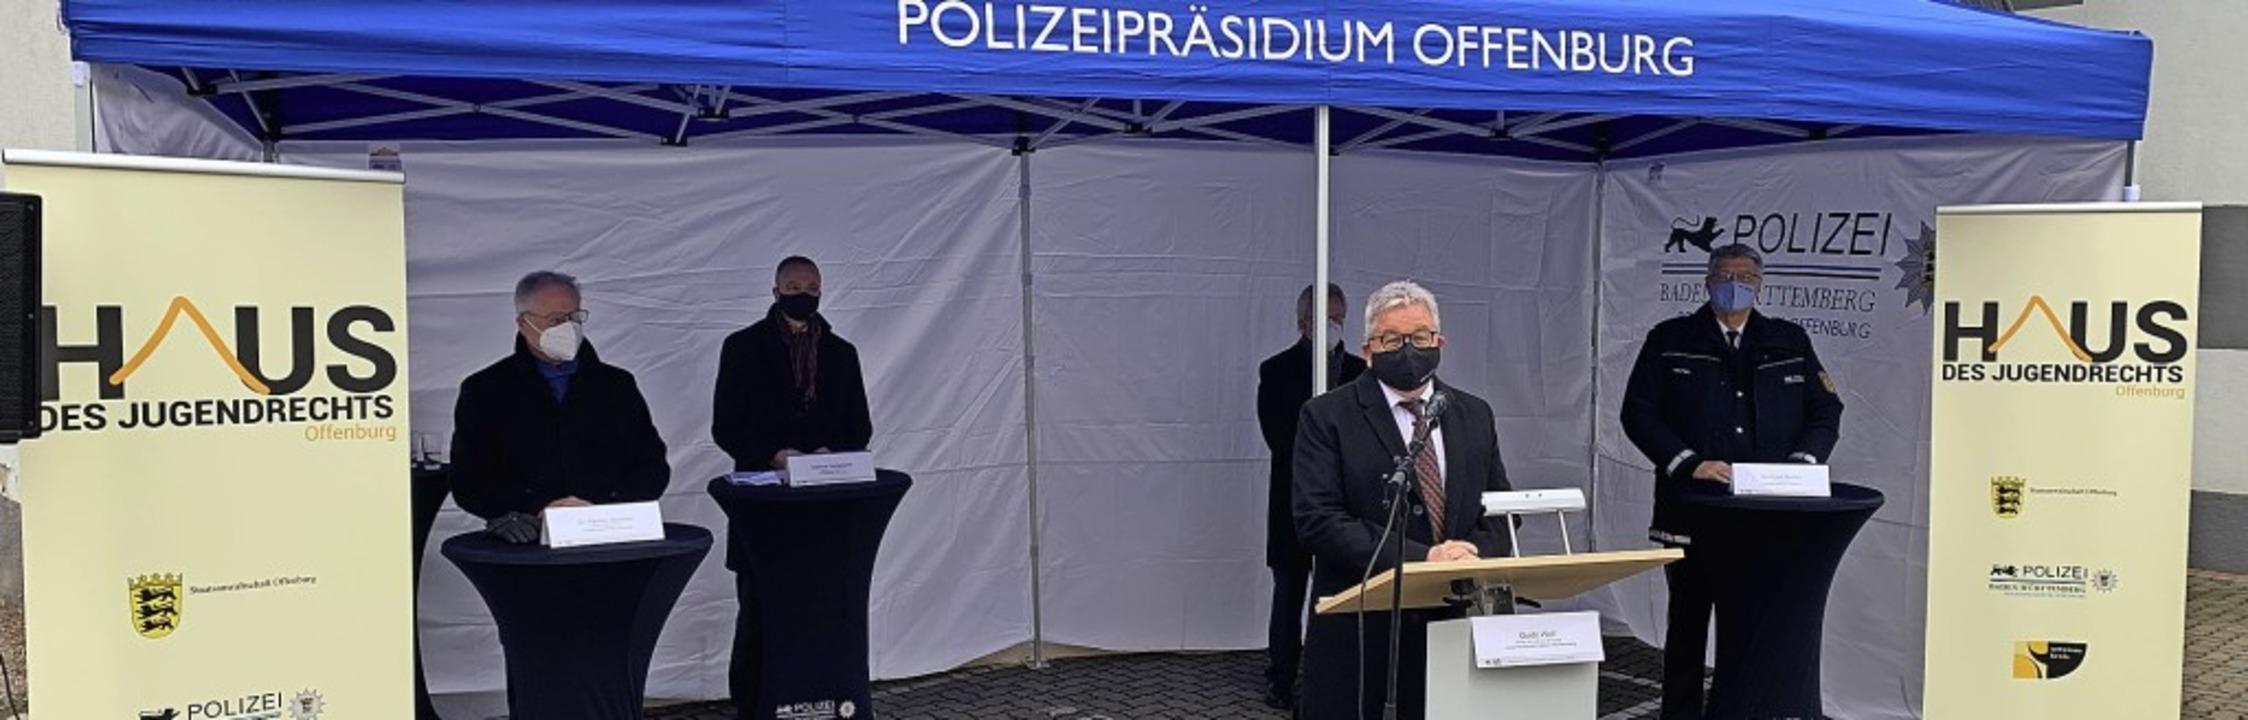 Ministerbesuch: Guido Wolf lobt das Ha...und Reinhard Renter)Polizeipräsidium.   | Foto: Helmut Seller